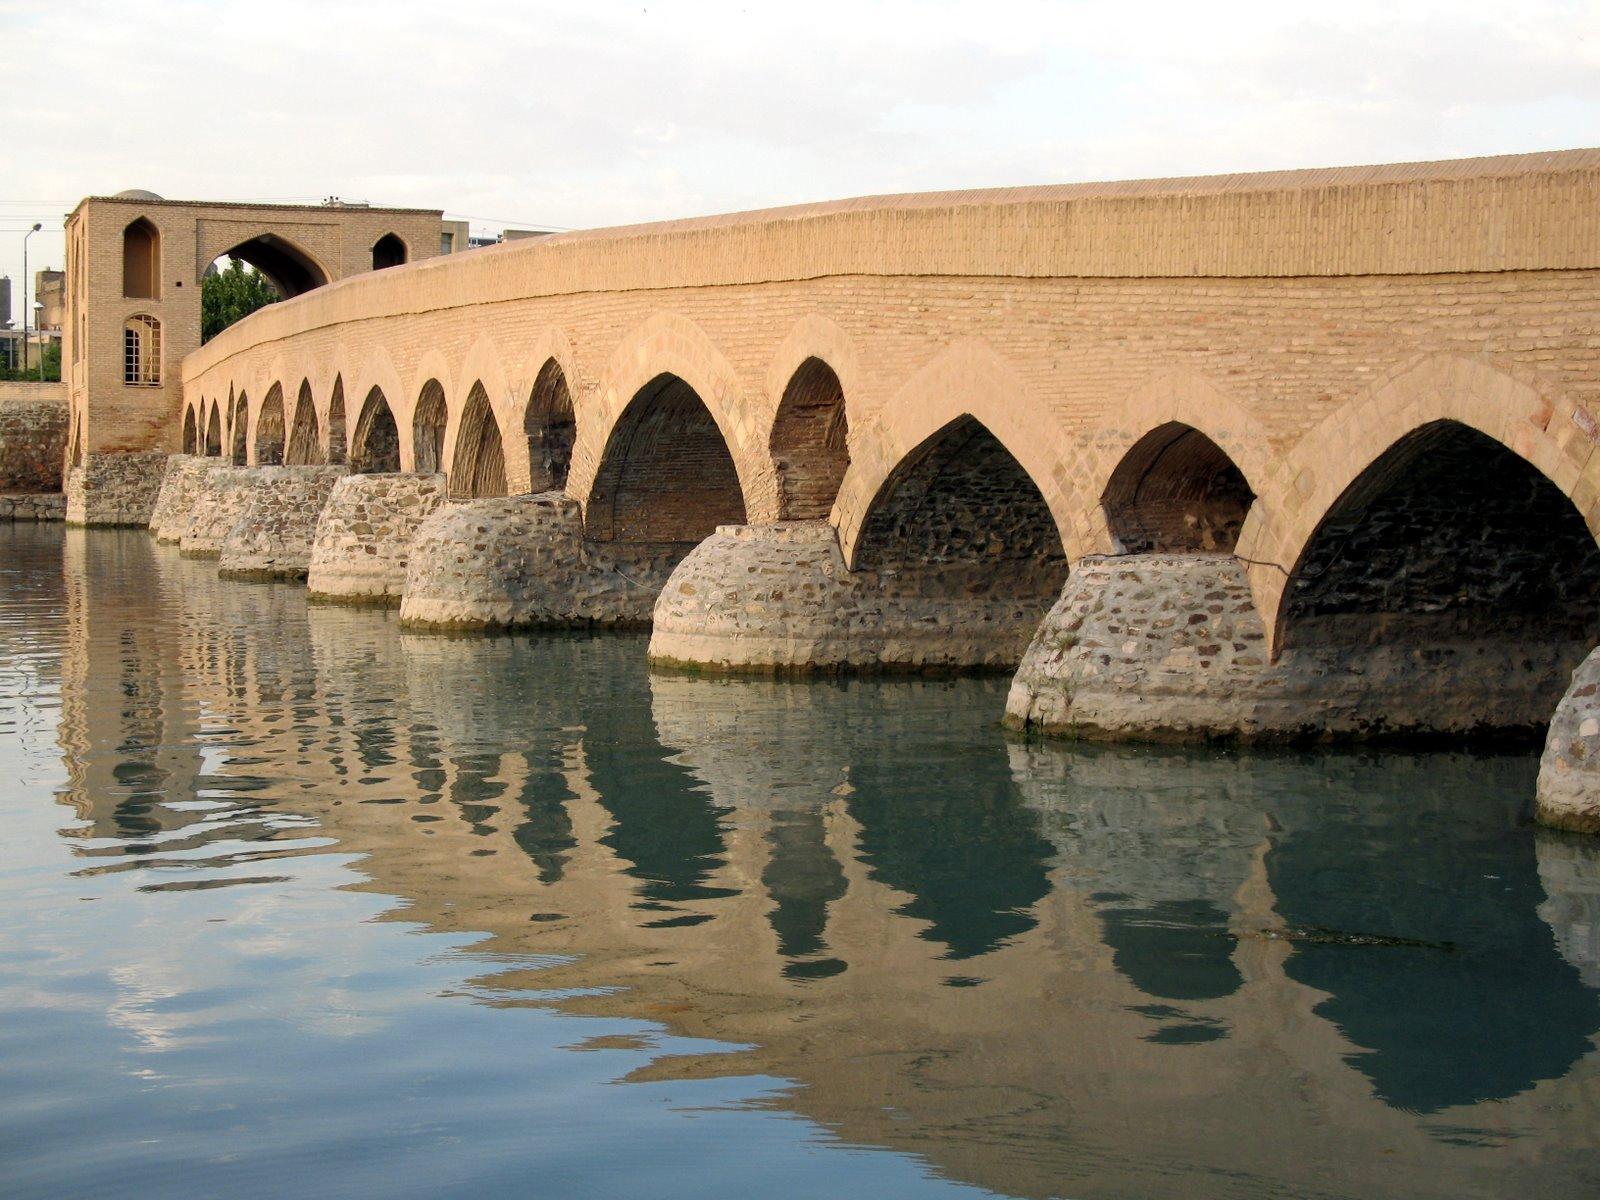 پل شهرستان، اصفهان